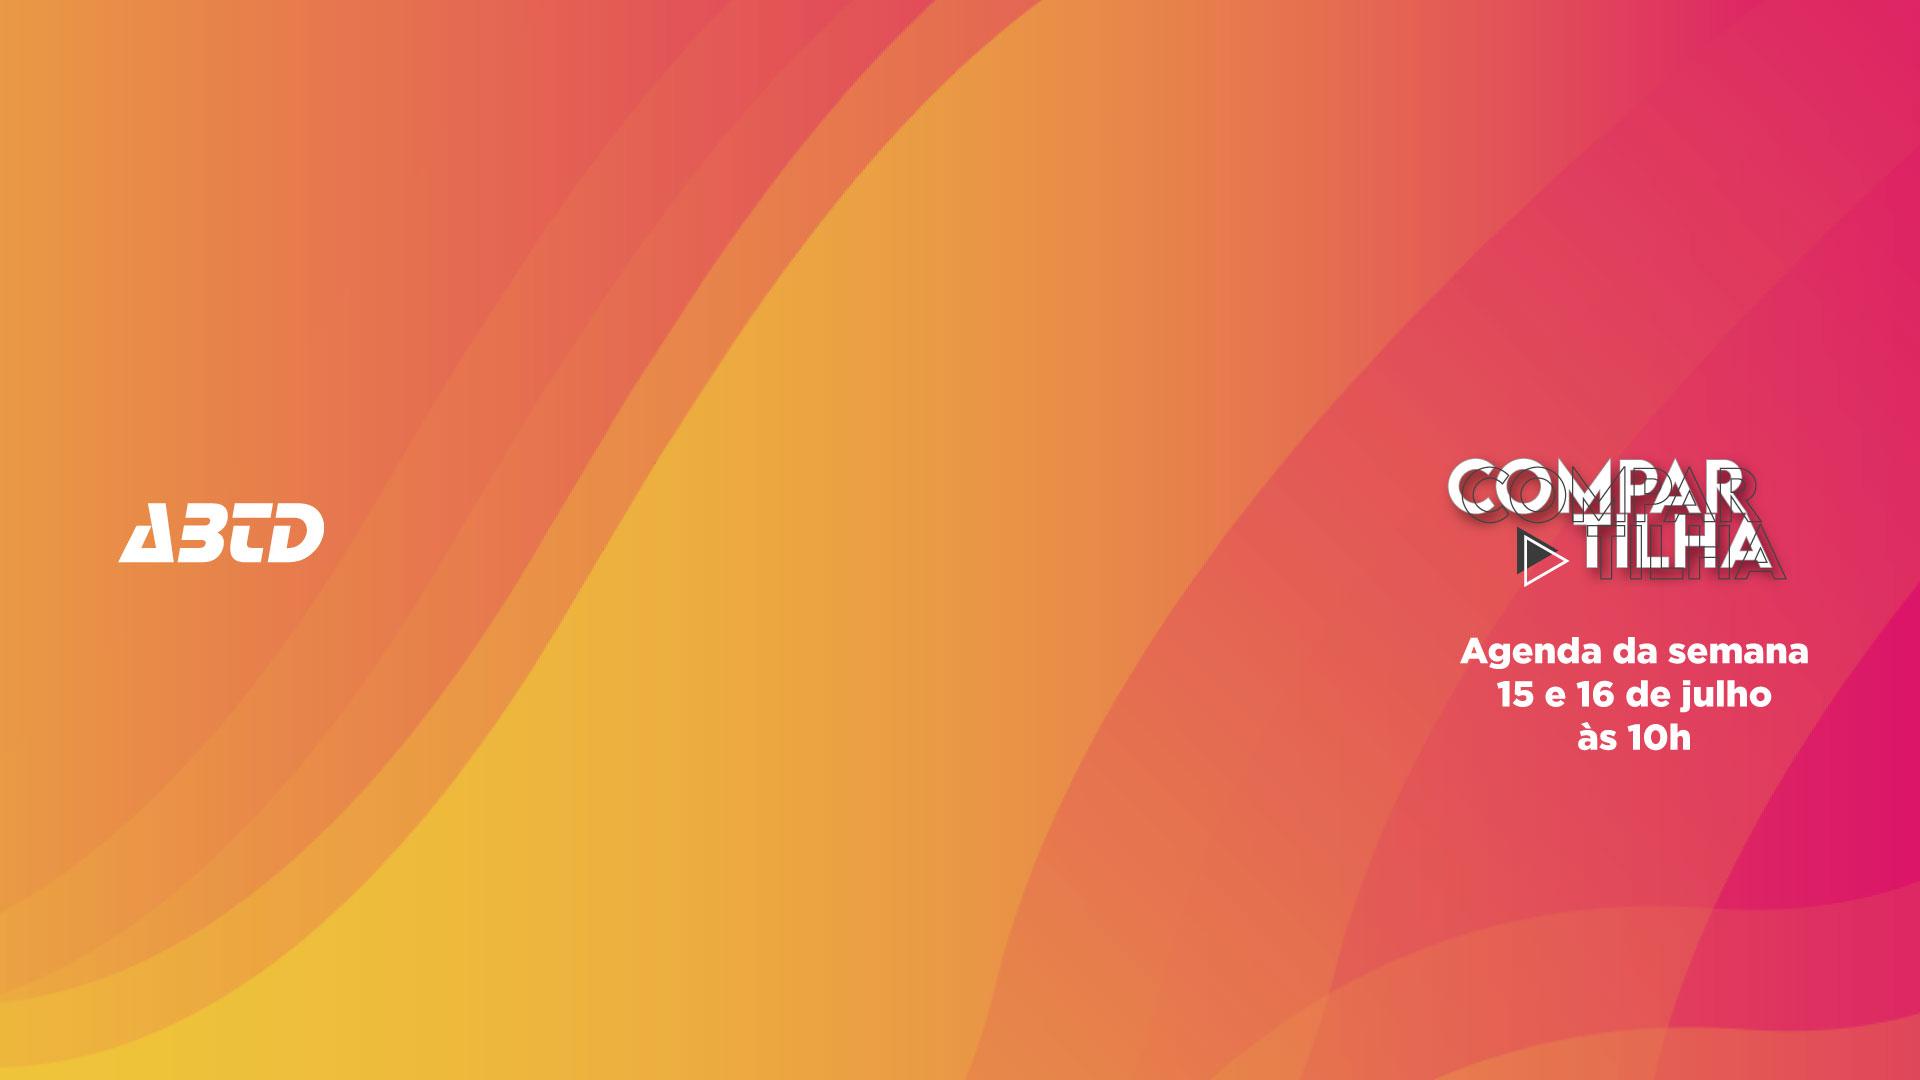 Compartilha ABTD: Programação de 15 a 16 de julho